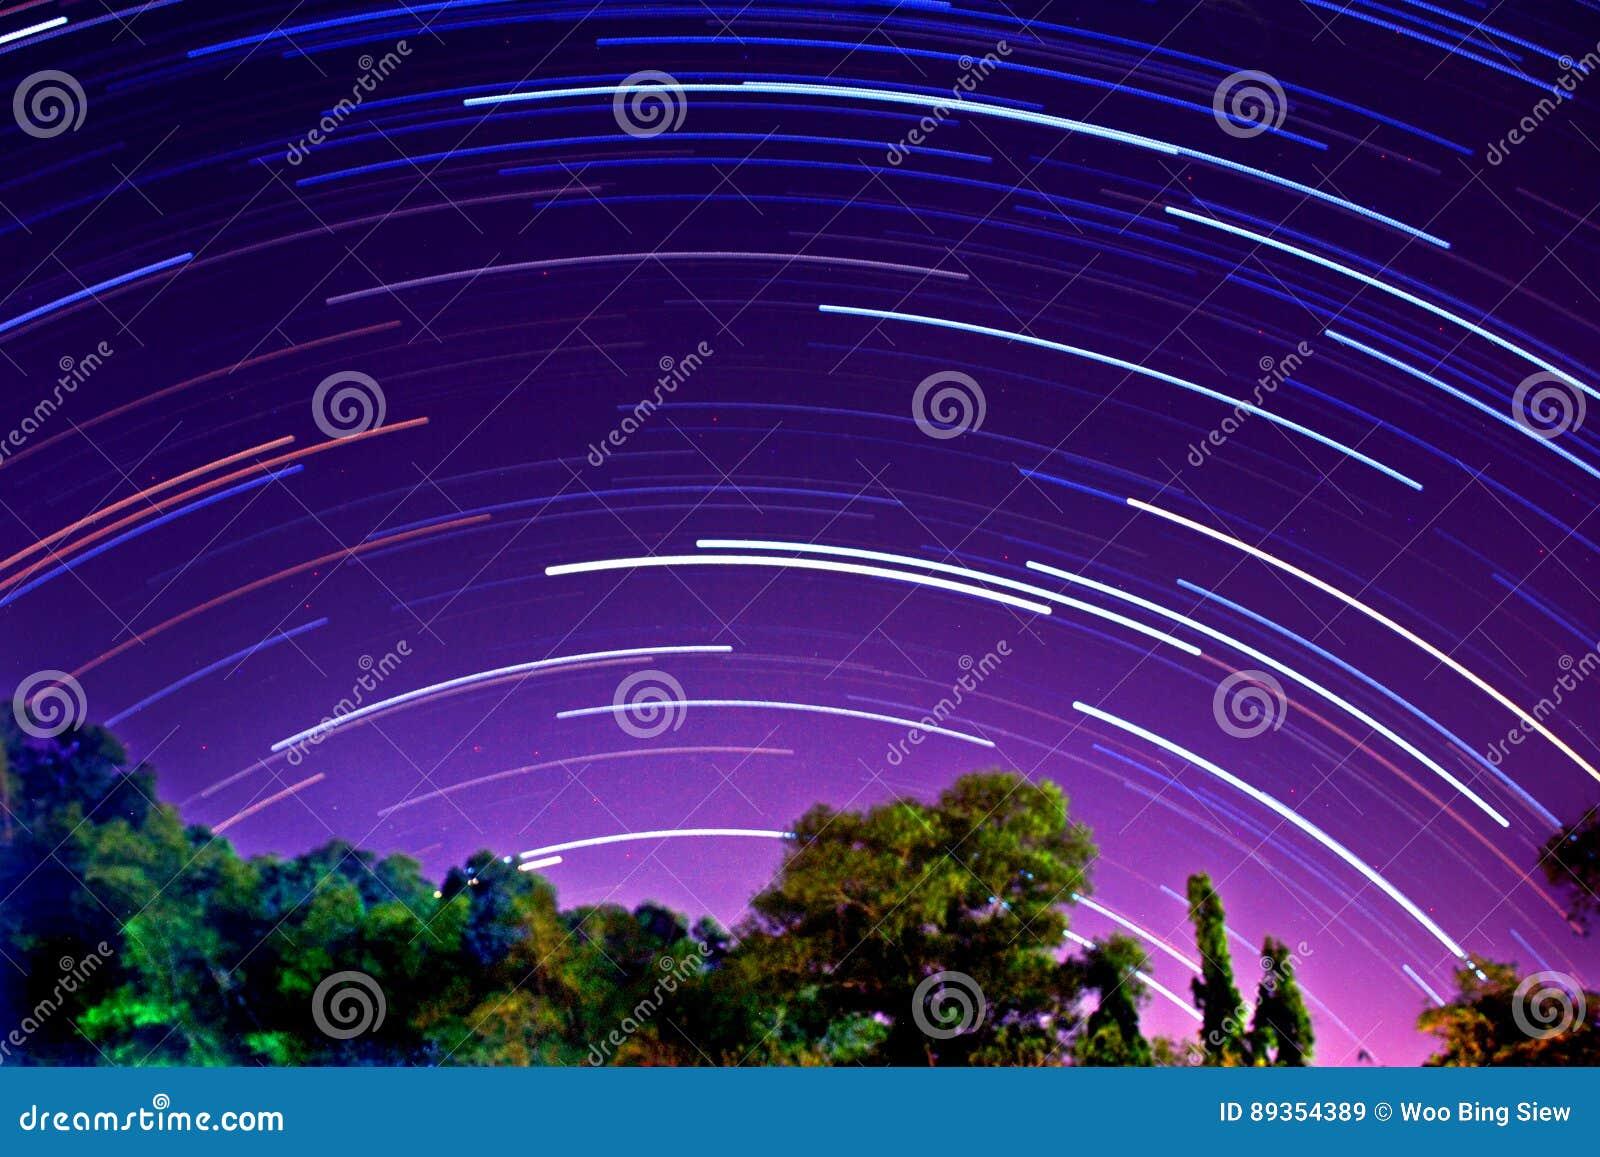 προκαλούμενη φωτογραφική μηχανή γήινη έκθεση μακριά ίχνη αστεριών περιστροφής s μετακίνησης